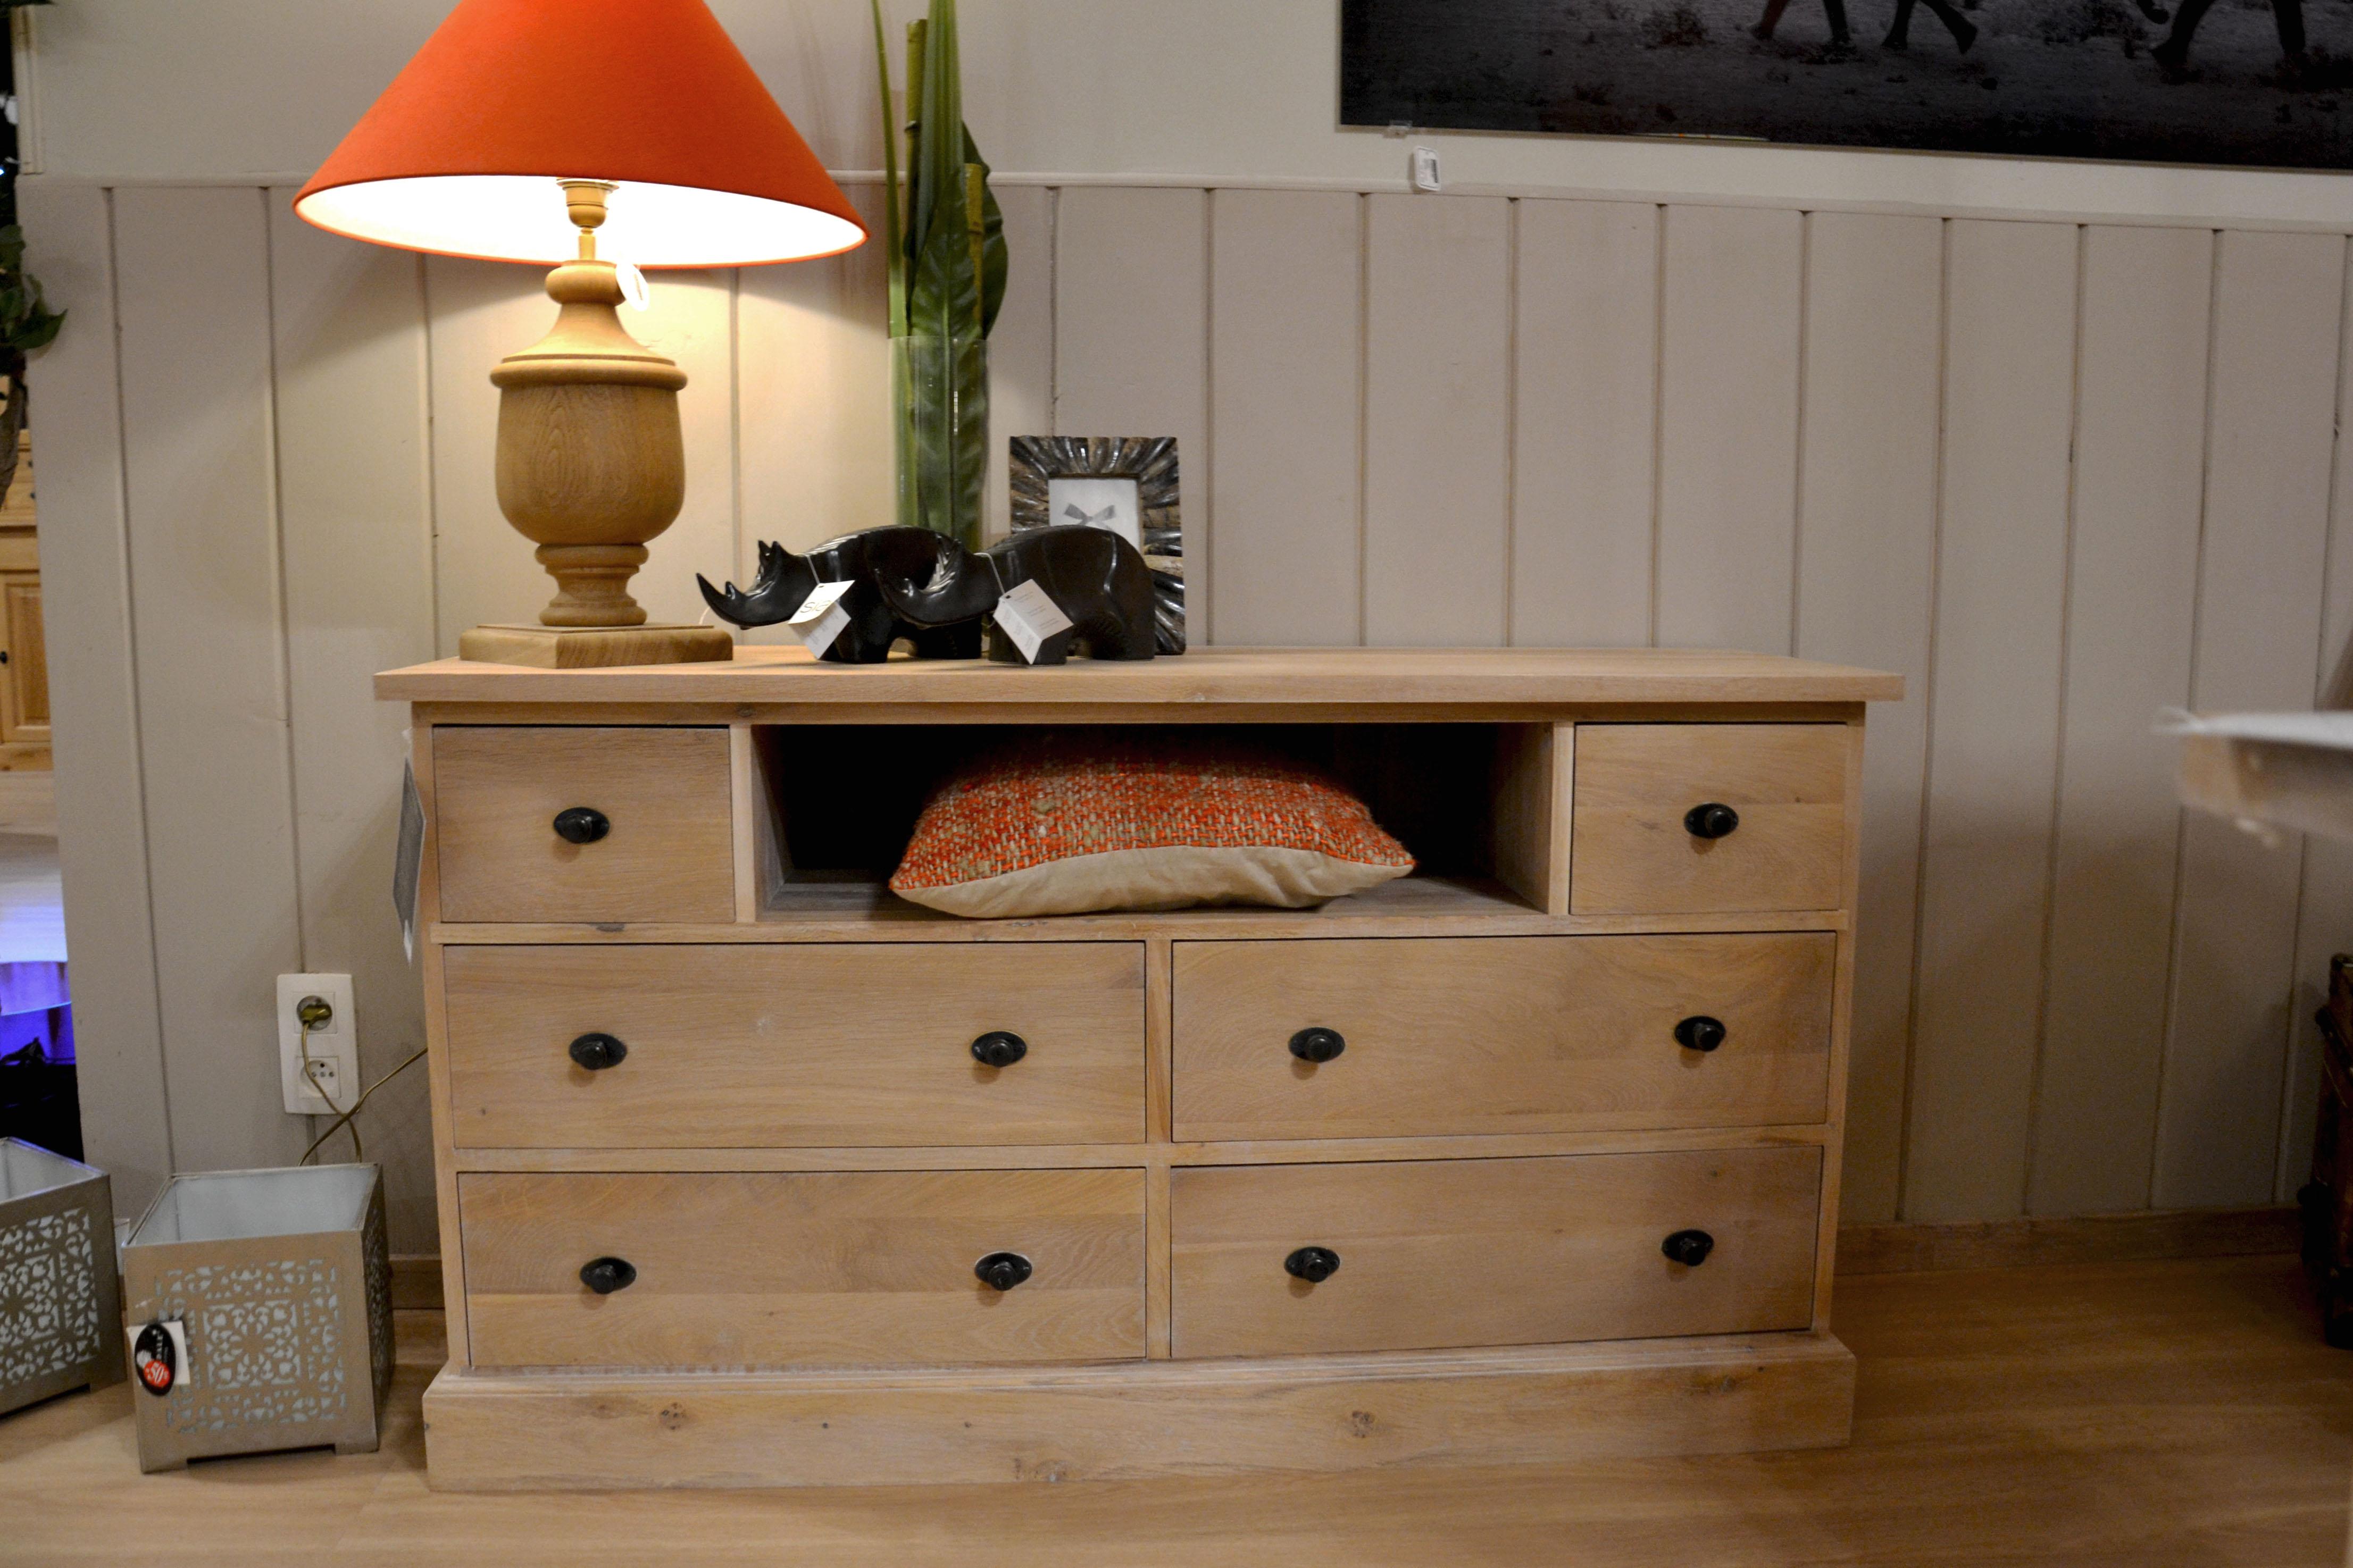 salon mobilier de jardin jodoigne meilleures id es pour la conception et l 39 ameublement du jardin. Black Bedroom Furniture Sets. Home Design Ideas